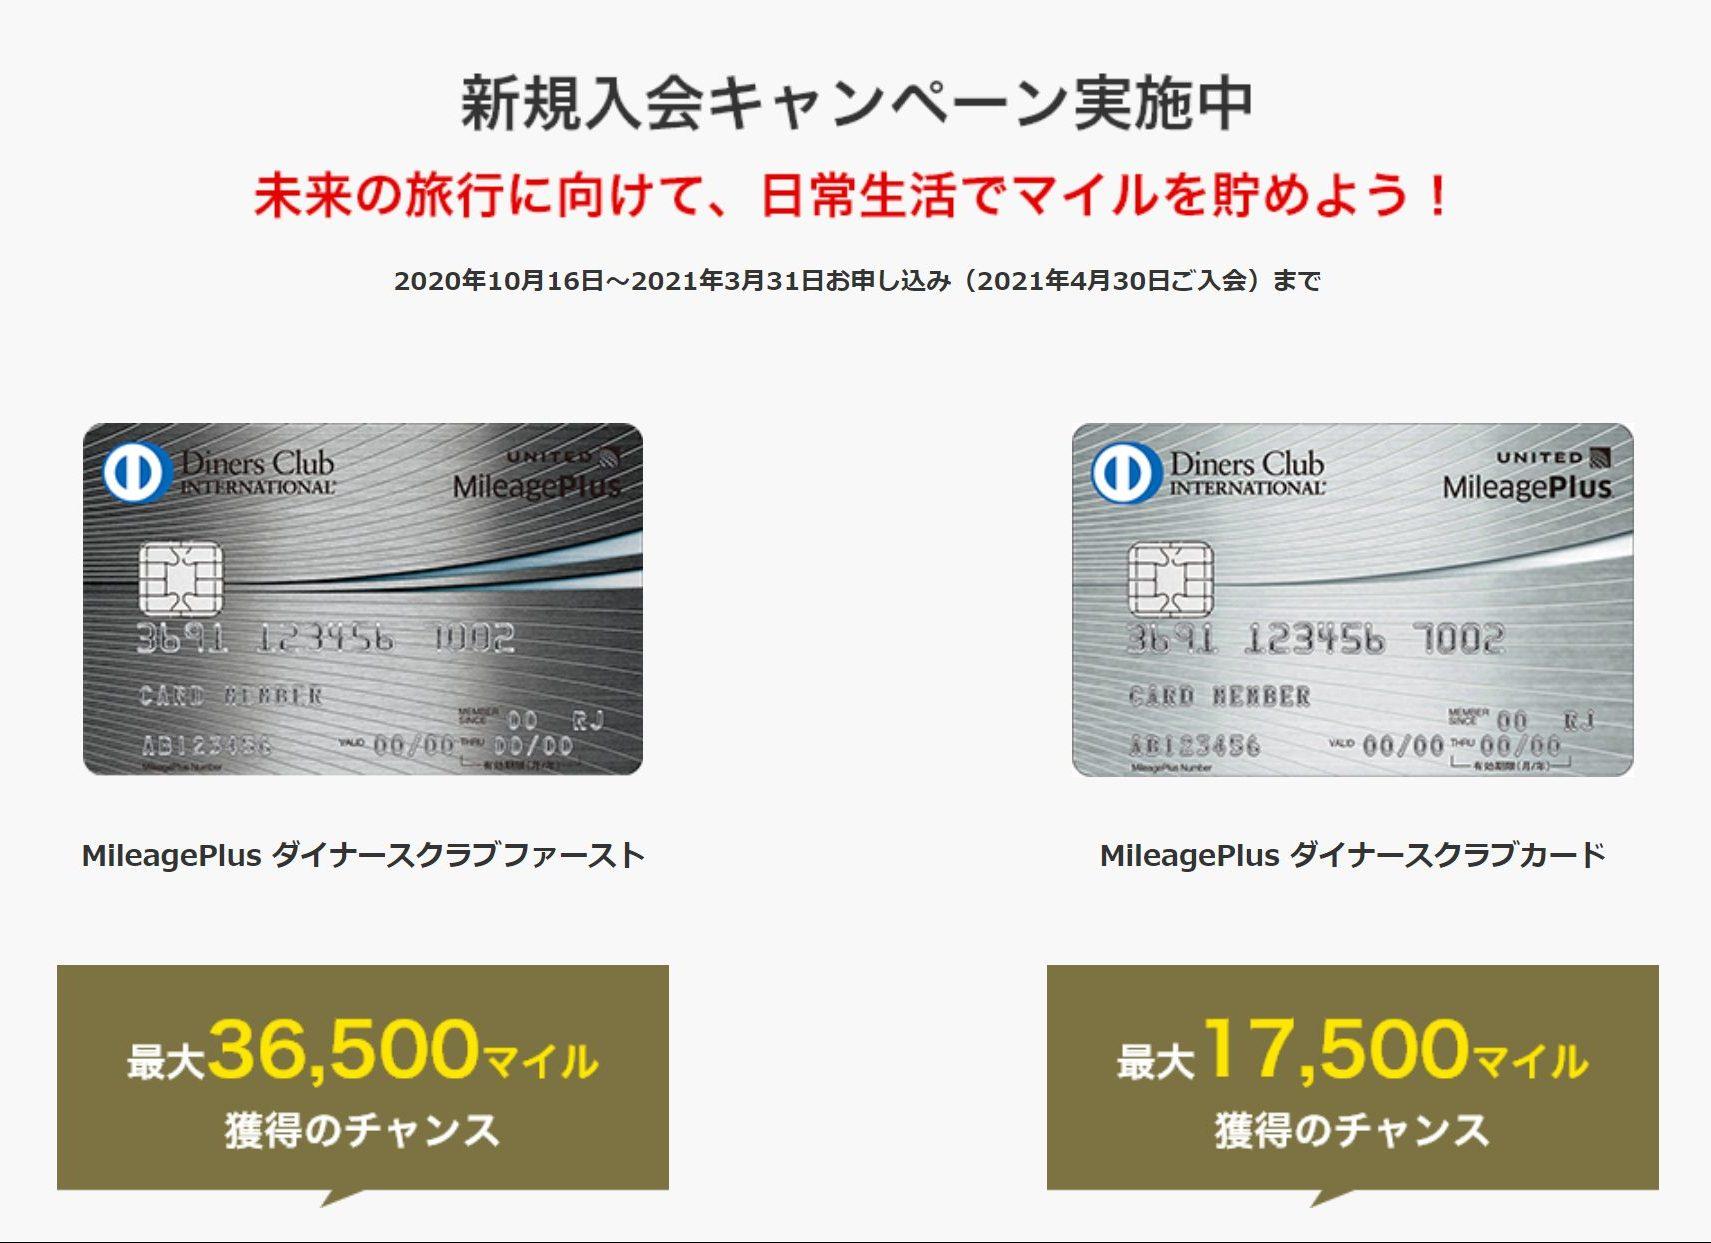 MileagePlus ダイナースクラブカードのキャンペーン